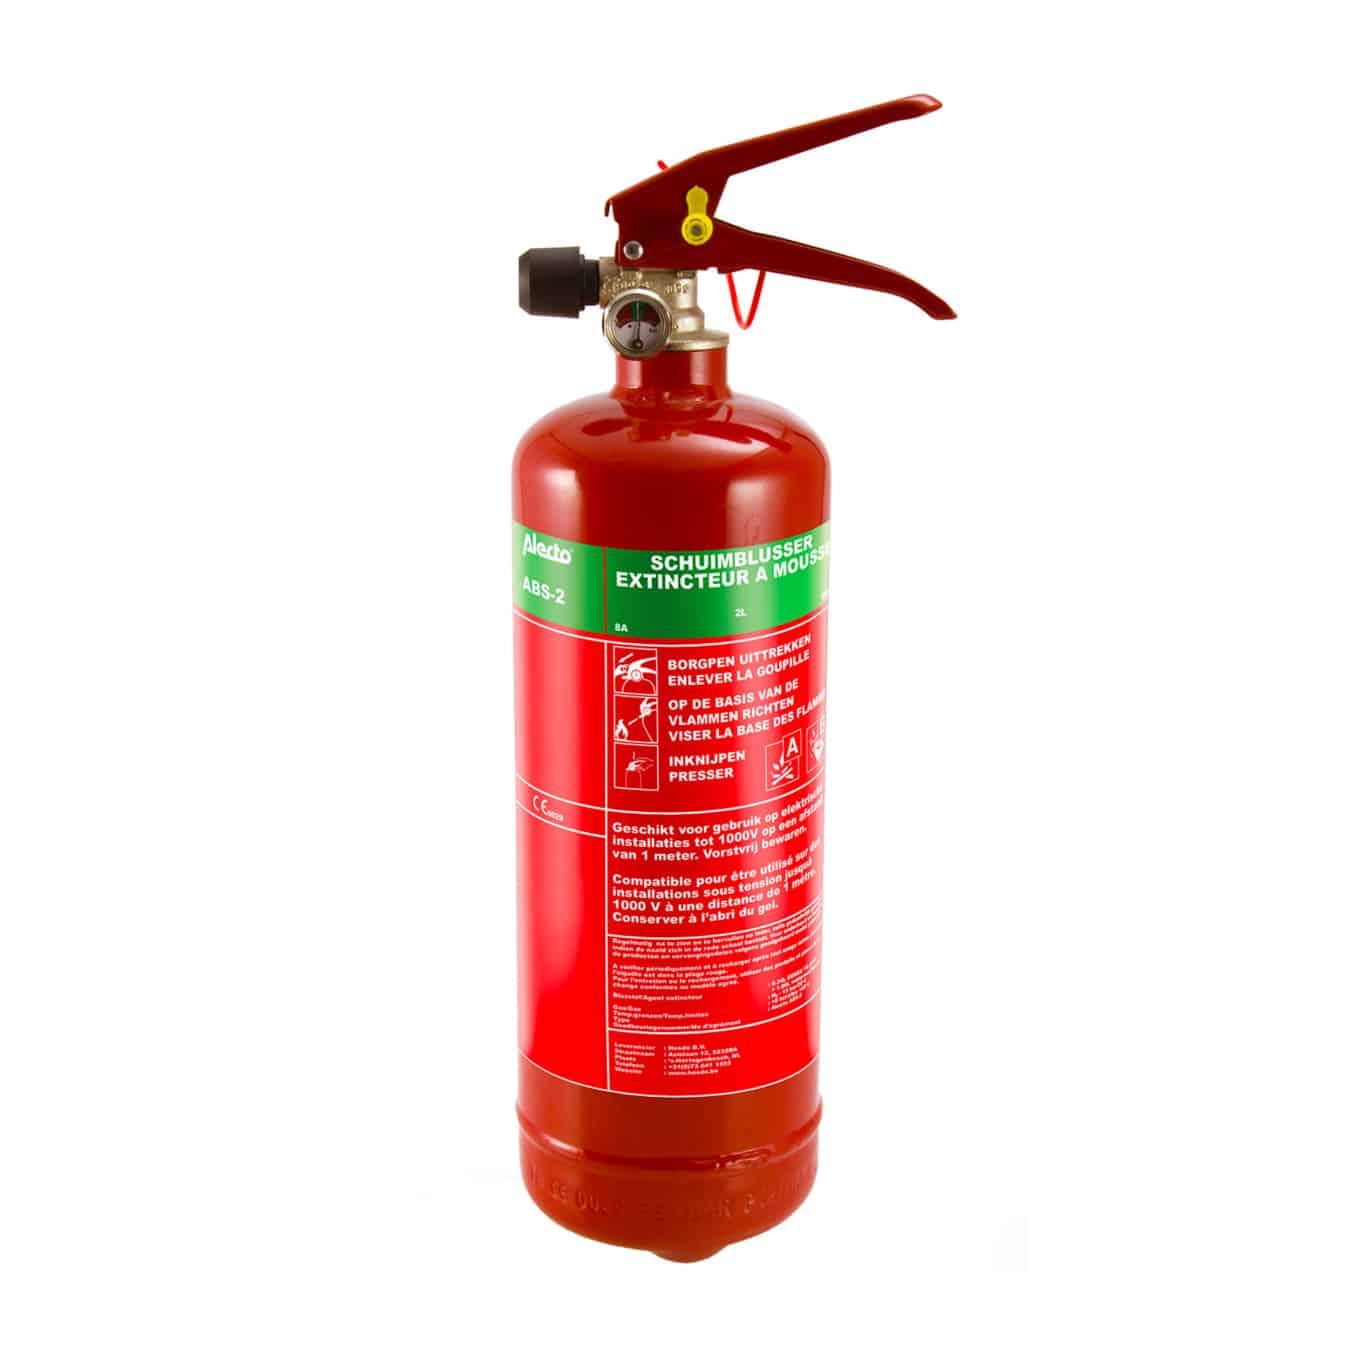 Koop Alecto ABS-2 Brandblusser schuim 2 liter